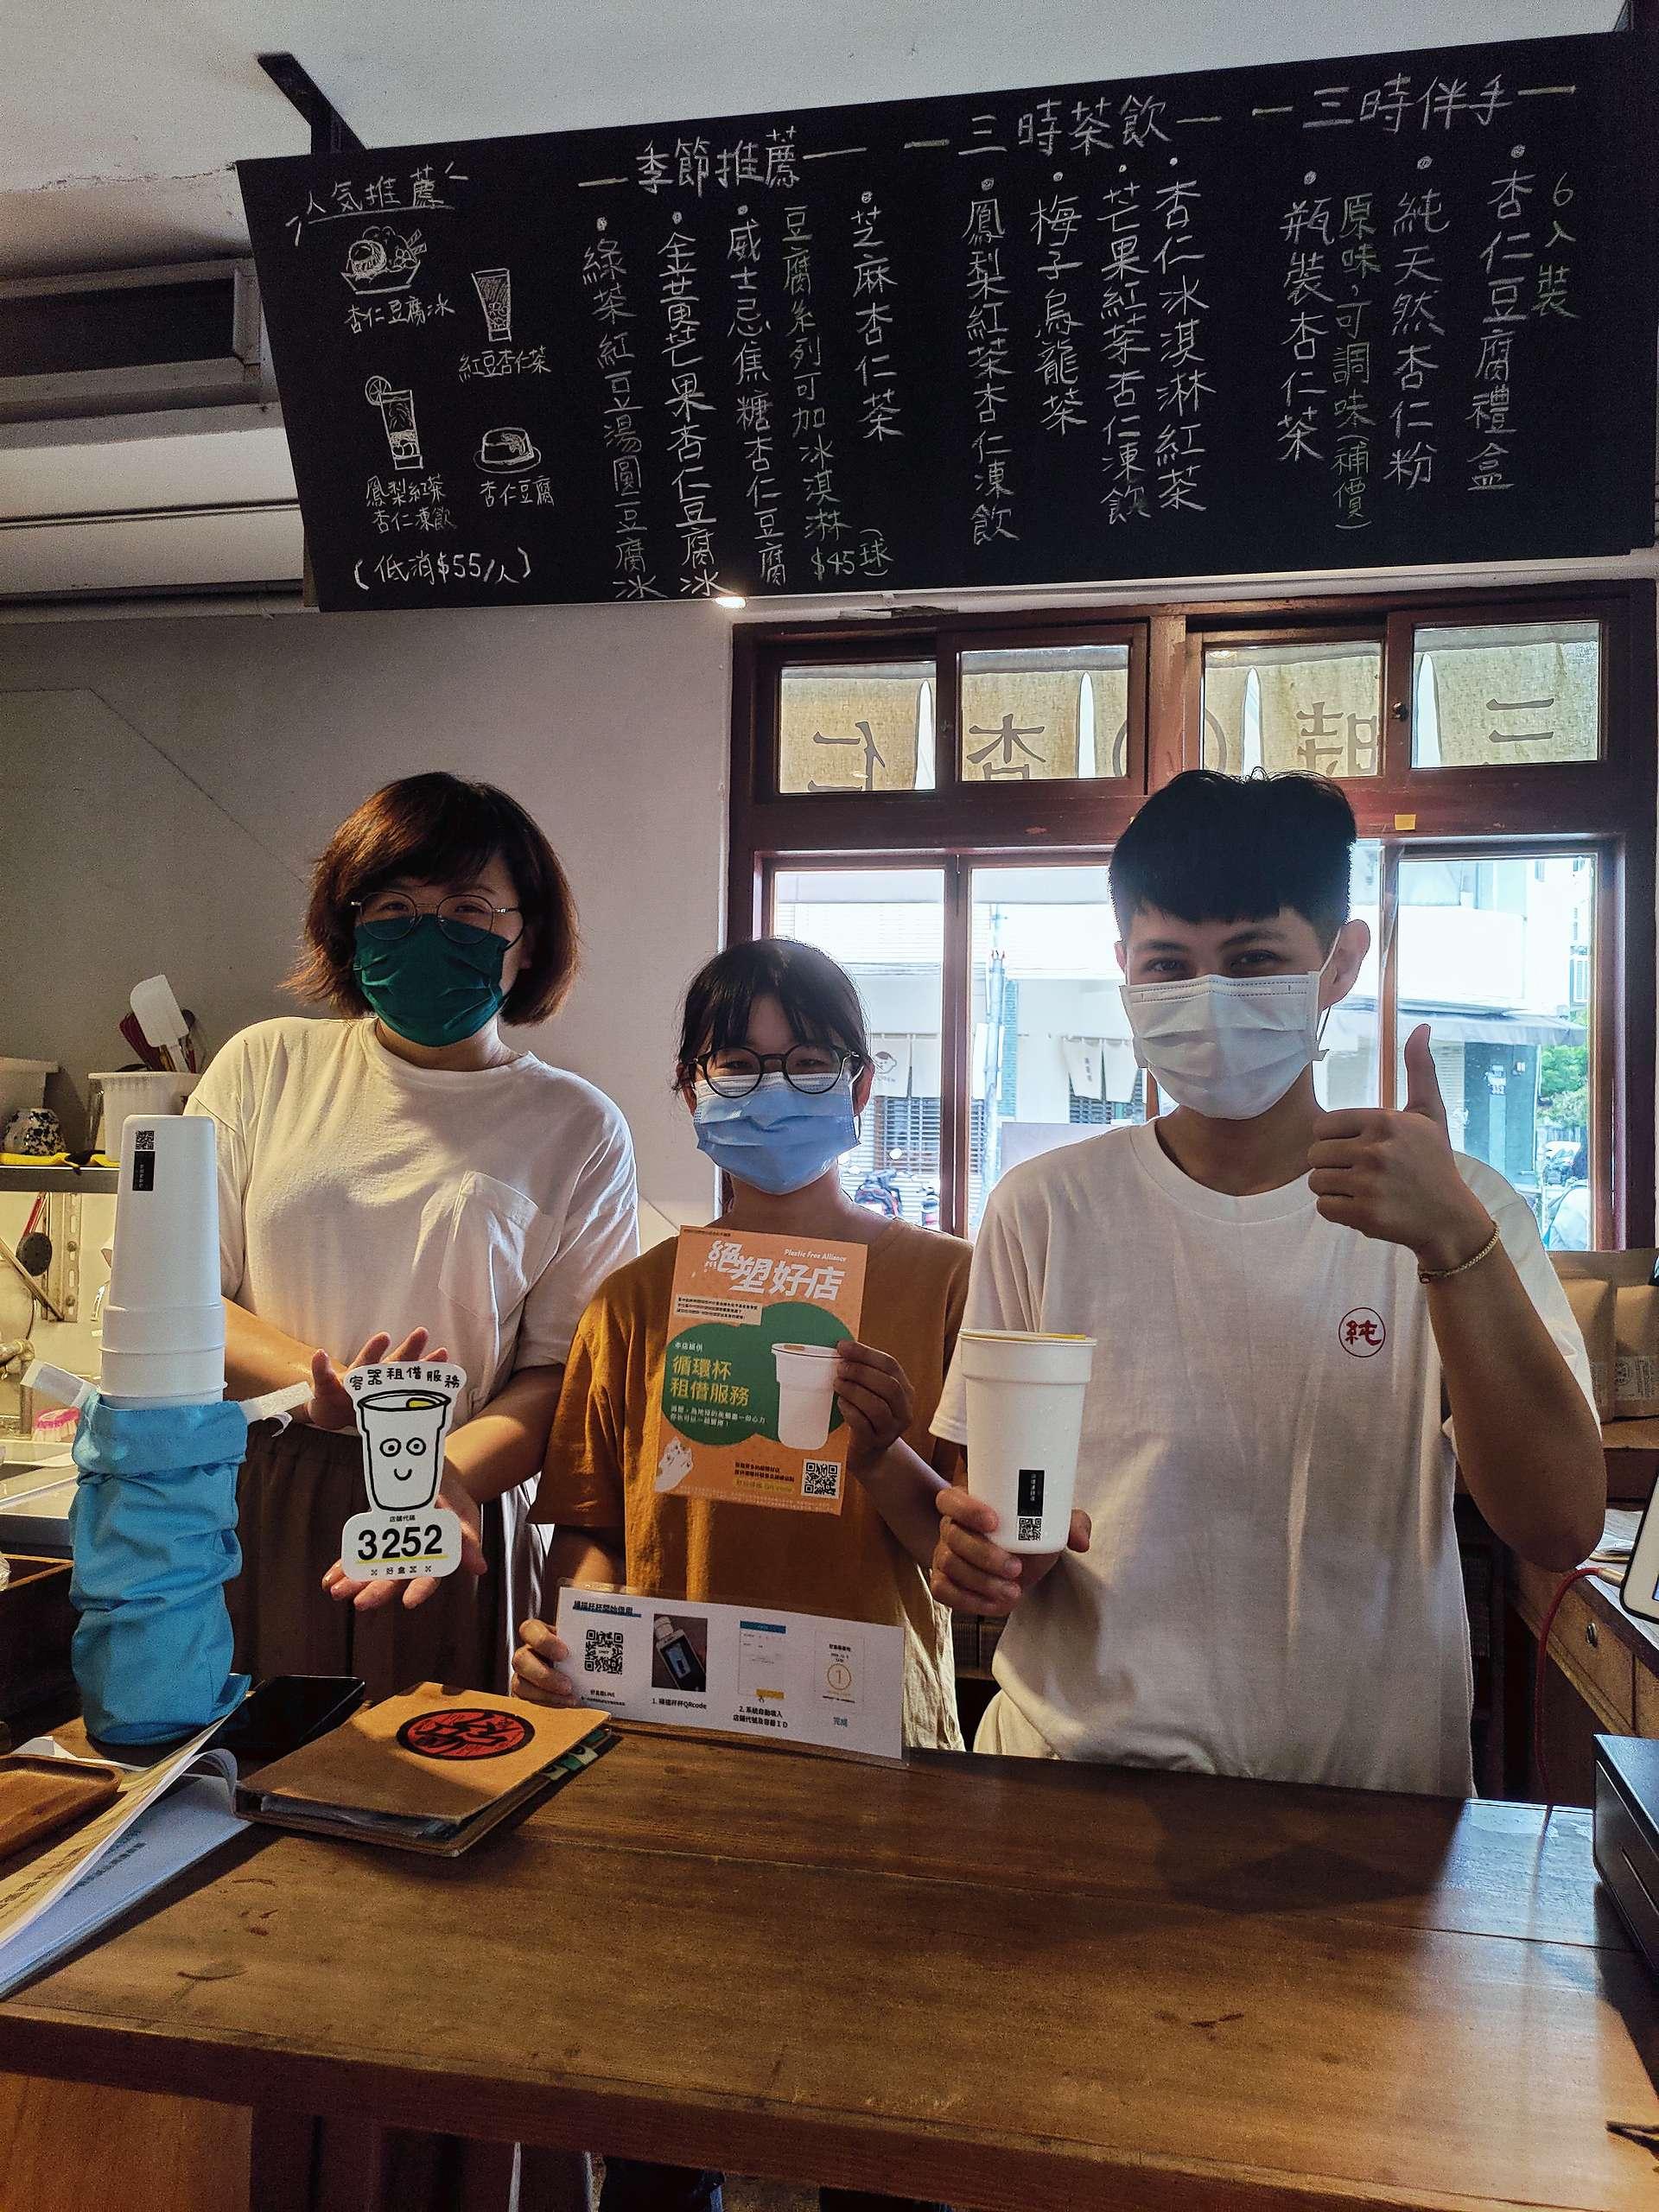 綠色和平於2021年推動「絕塑好店」,邀請臺中市草悟道商圈的飲料店引進租借杯模式,提供消費者更環保的選擇。